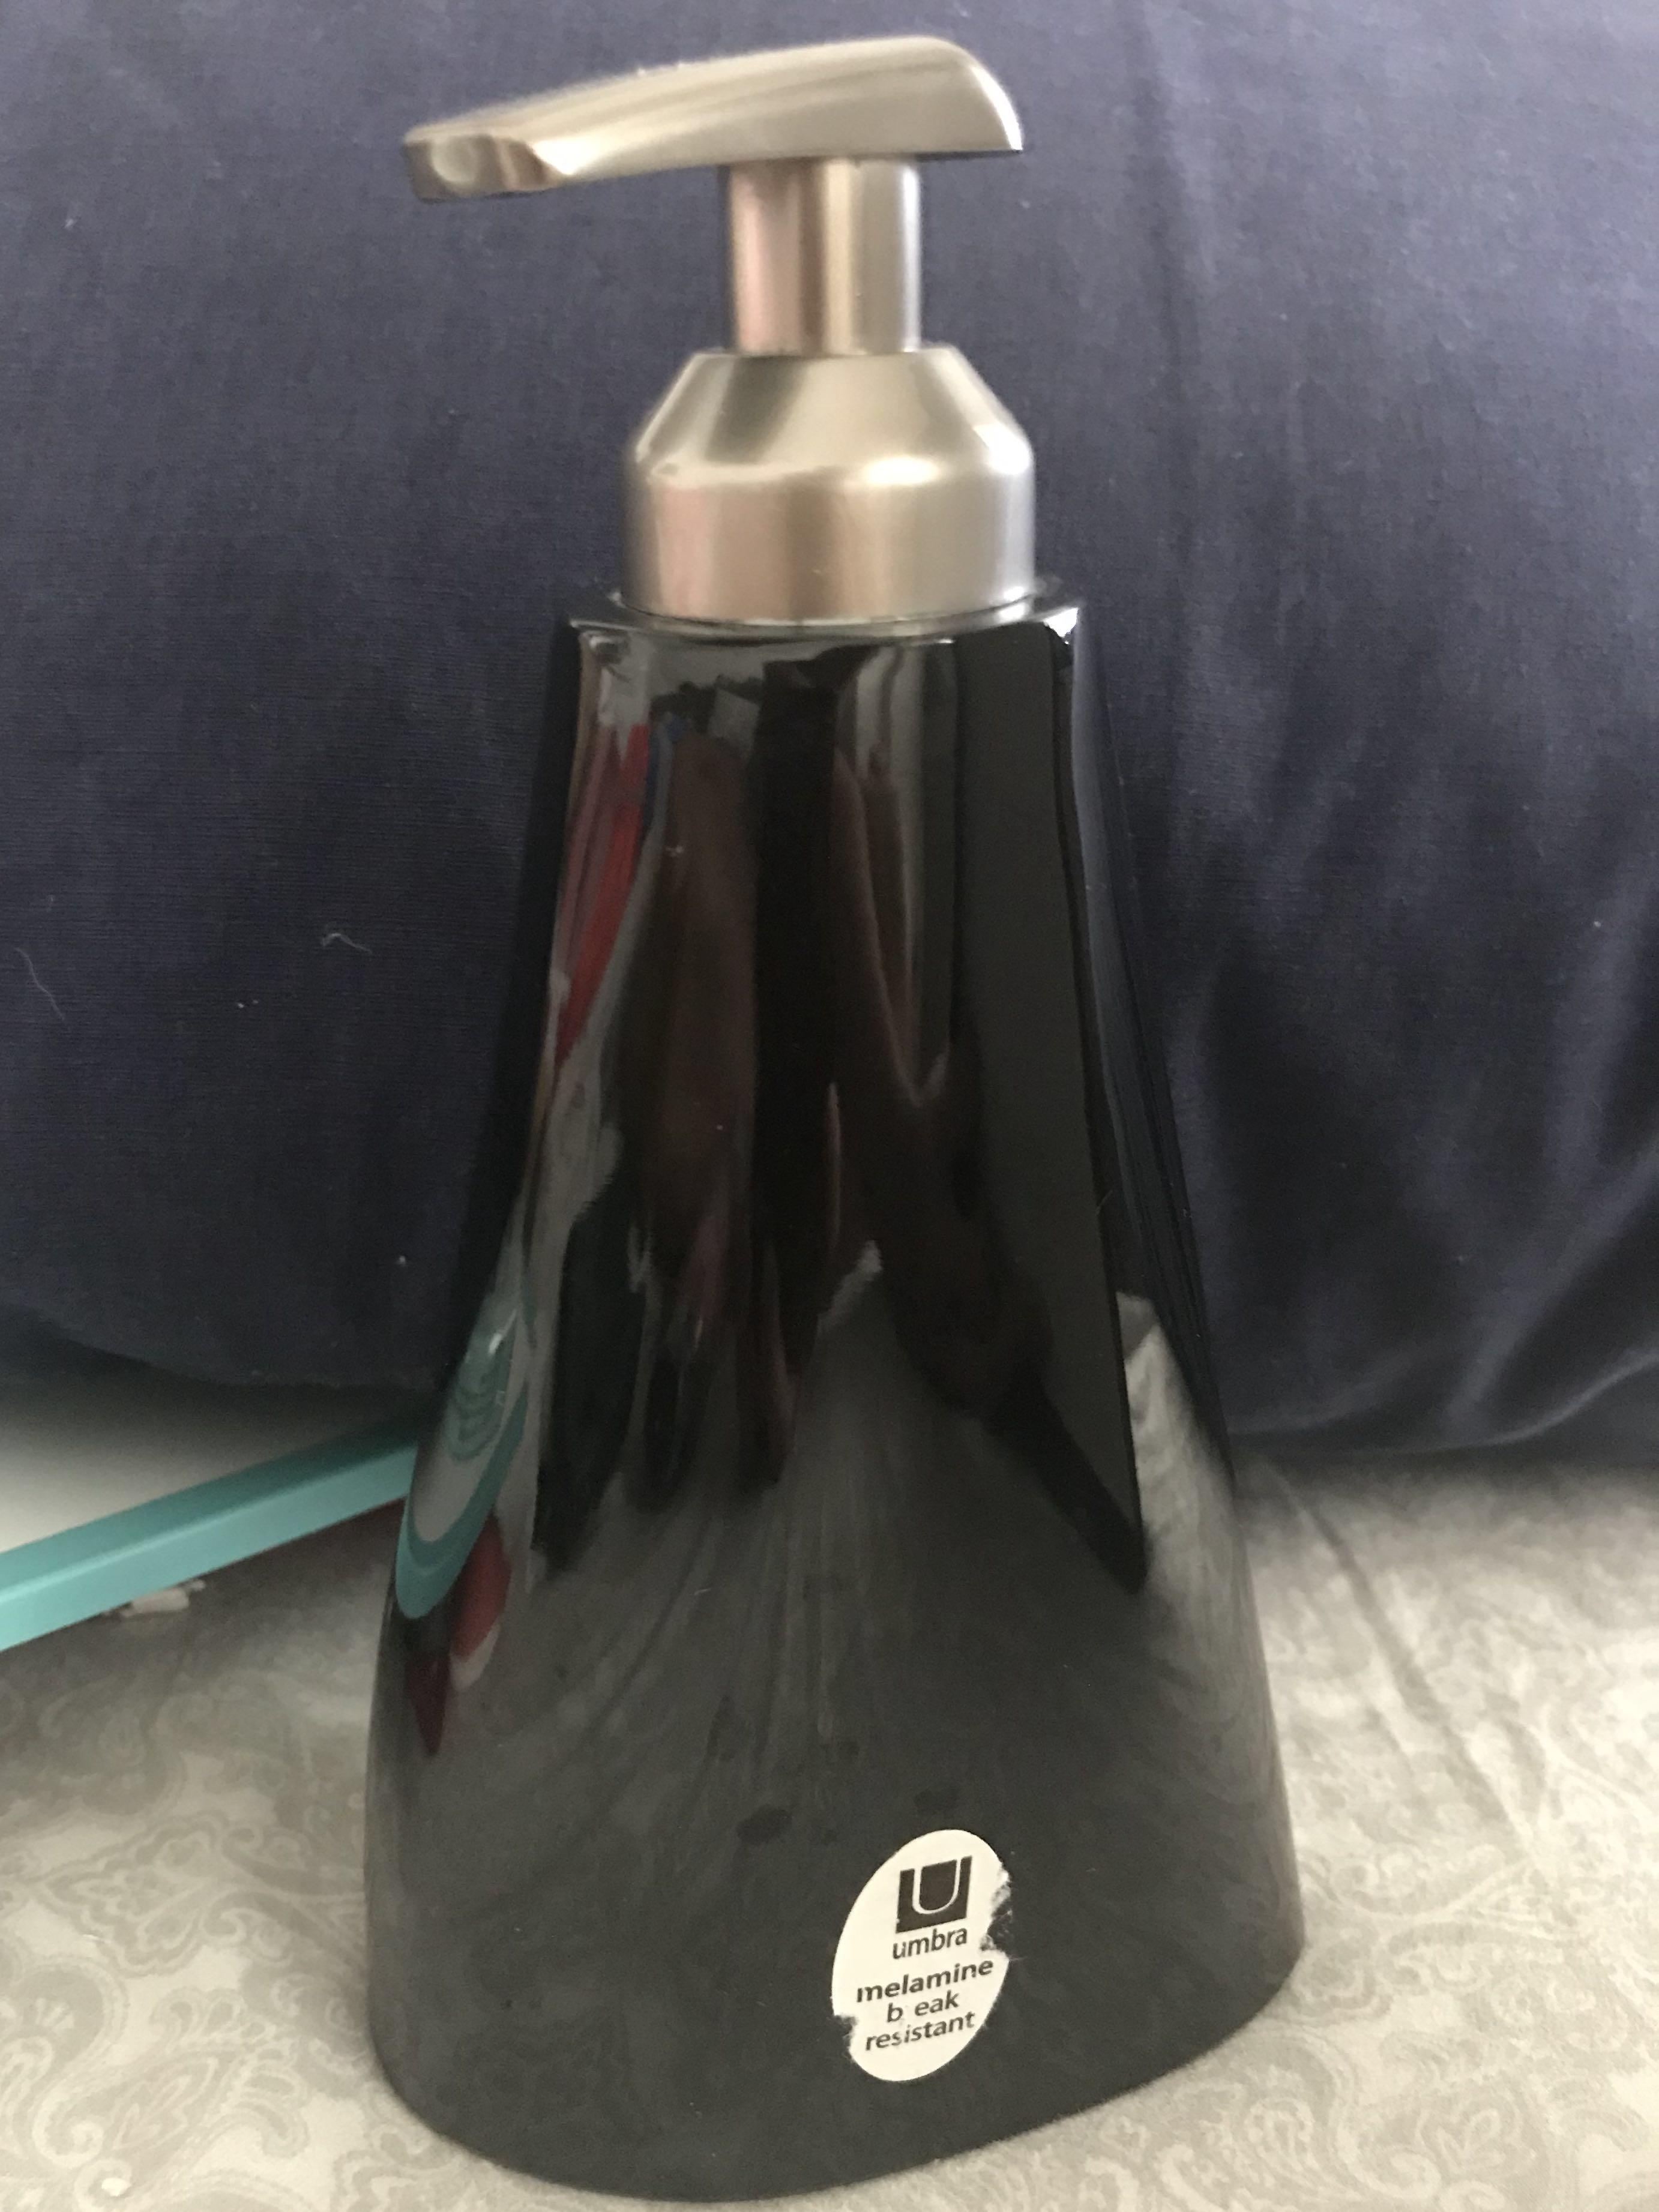 Refillable liquid Soap/Shampoo/conditioner pump dispenser